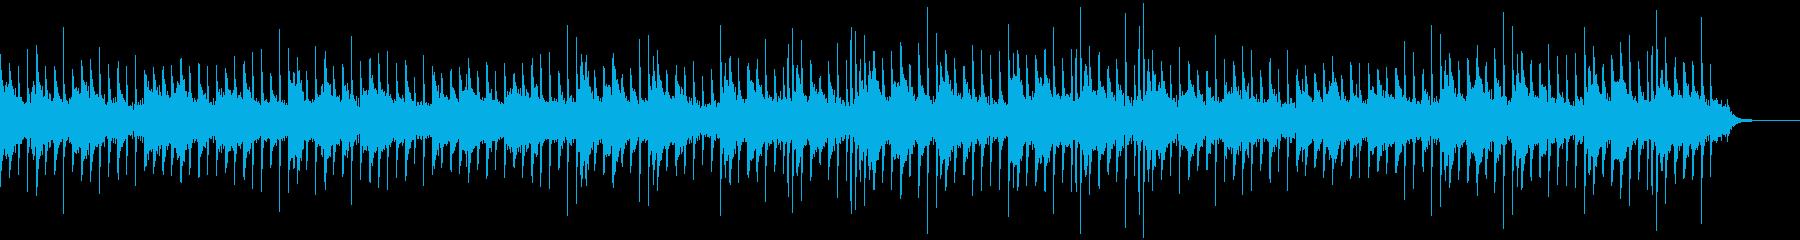 ホラーなピアノBGMの再生済みの波形